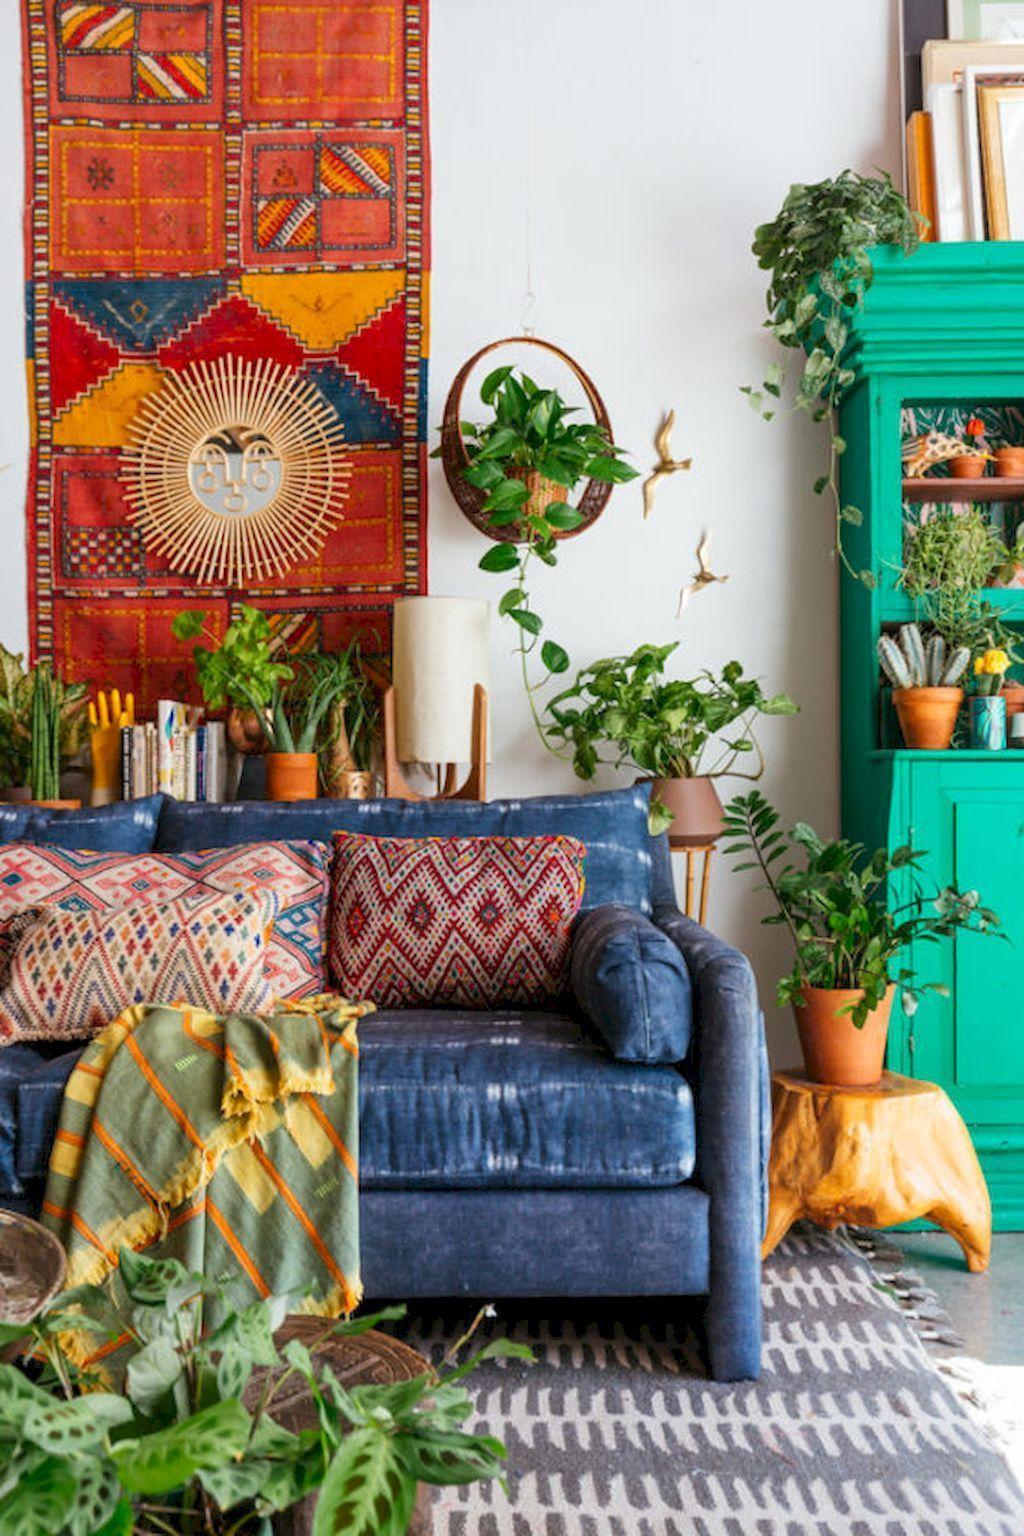 Romantic Bohemian Style Living Room Design Ideas 7 Med Billeder Boligindretning Interior